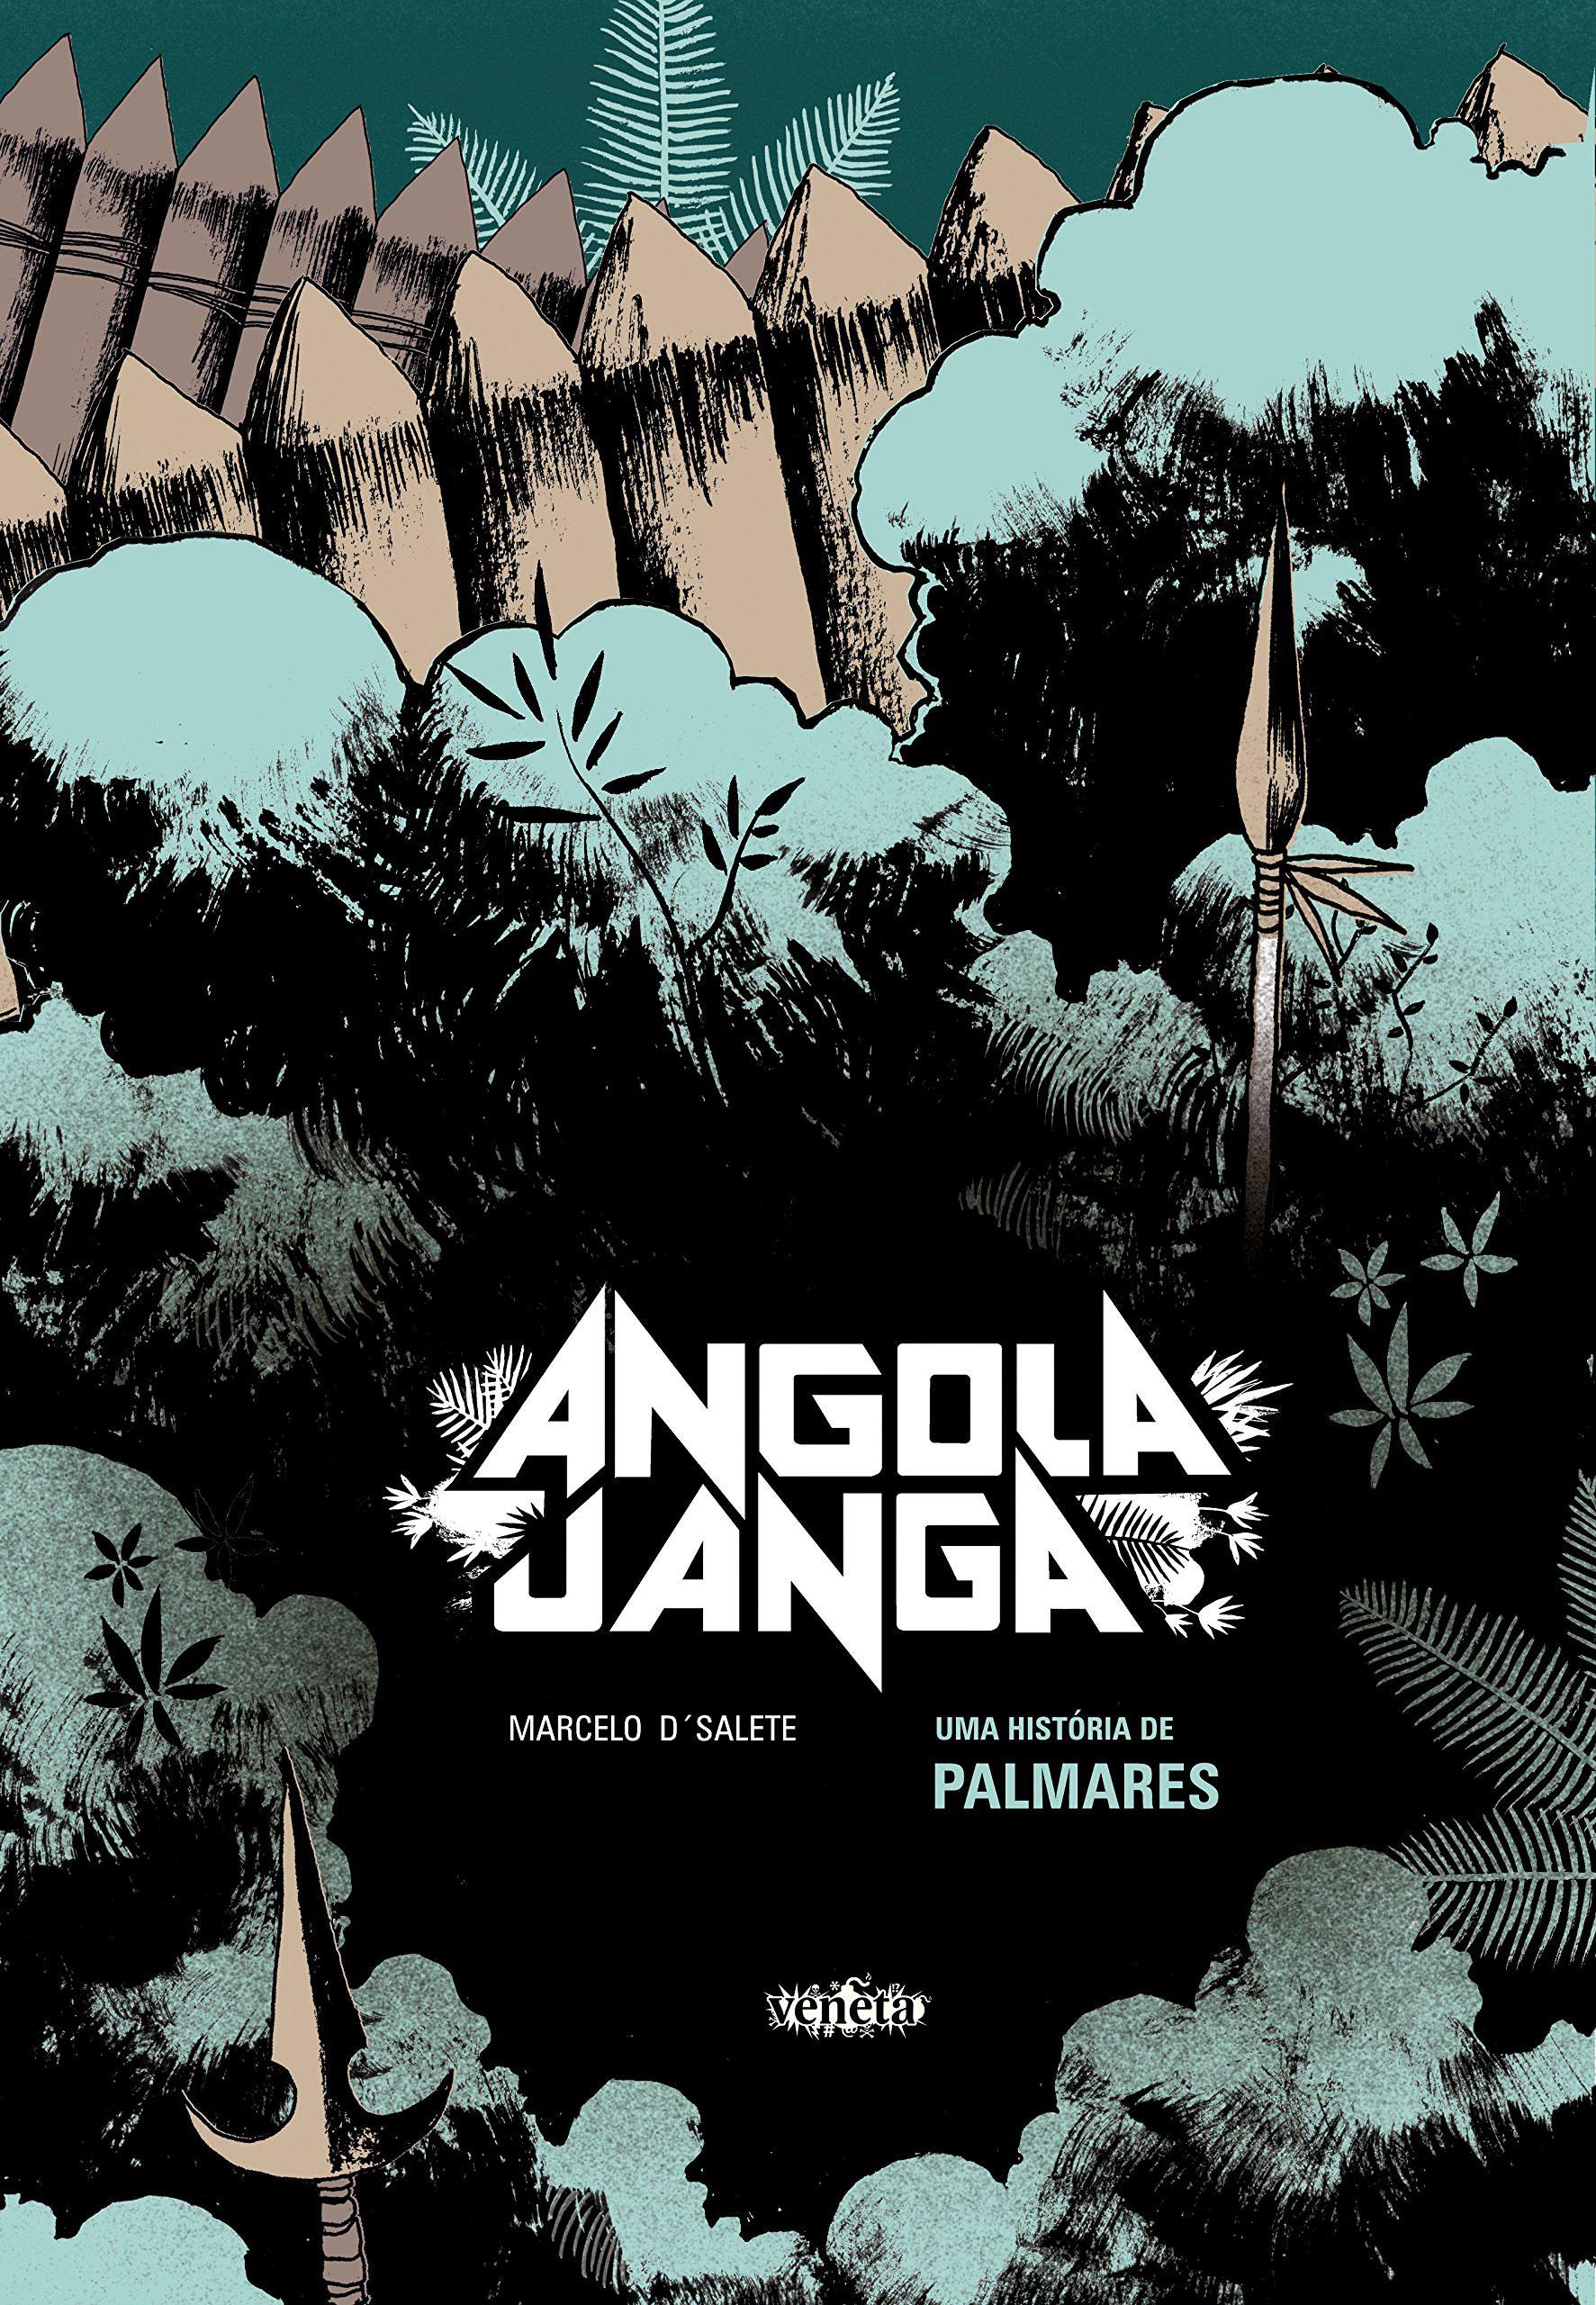 clube_leiutura_angola_janga